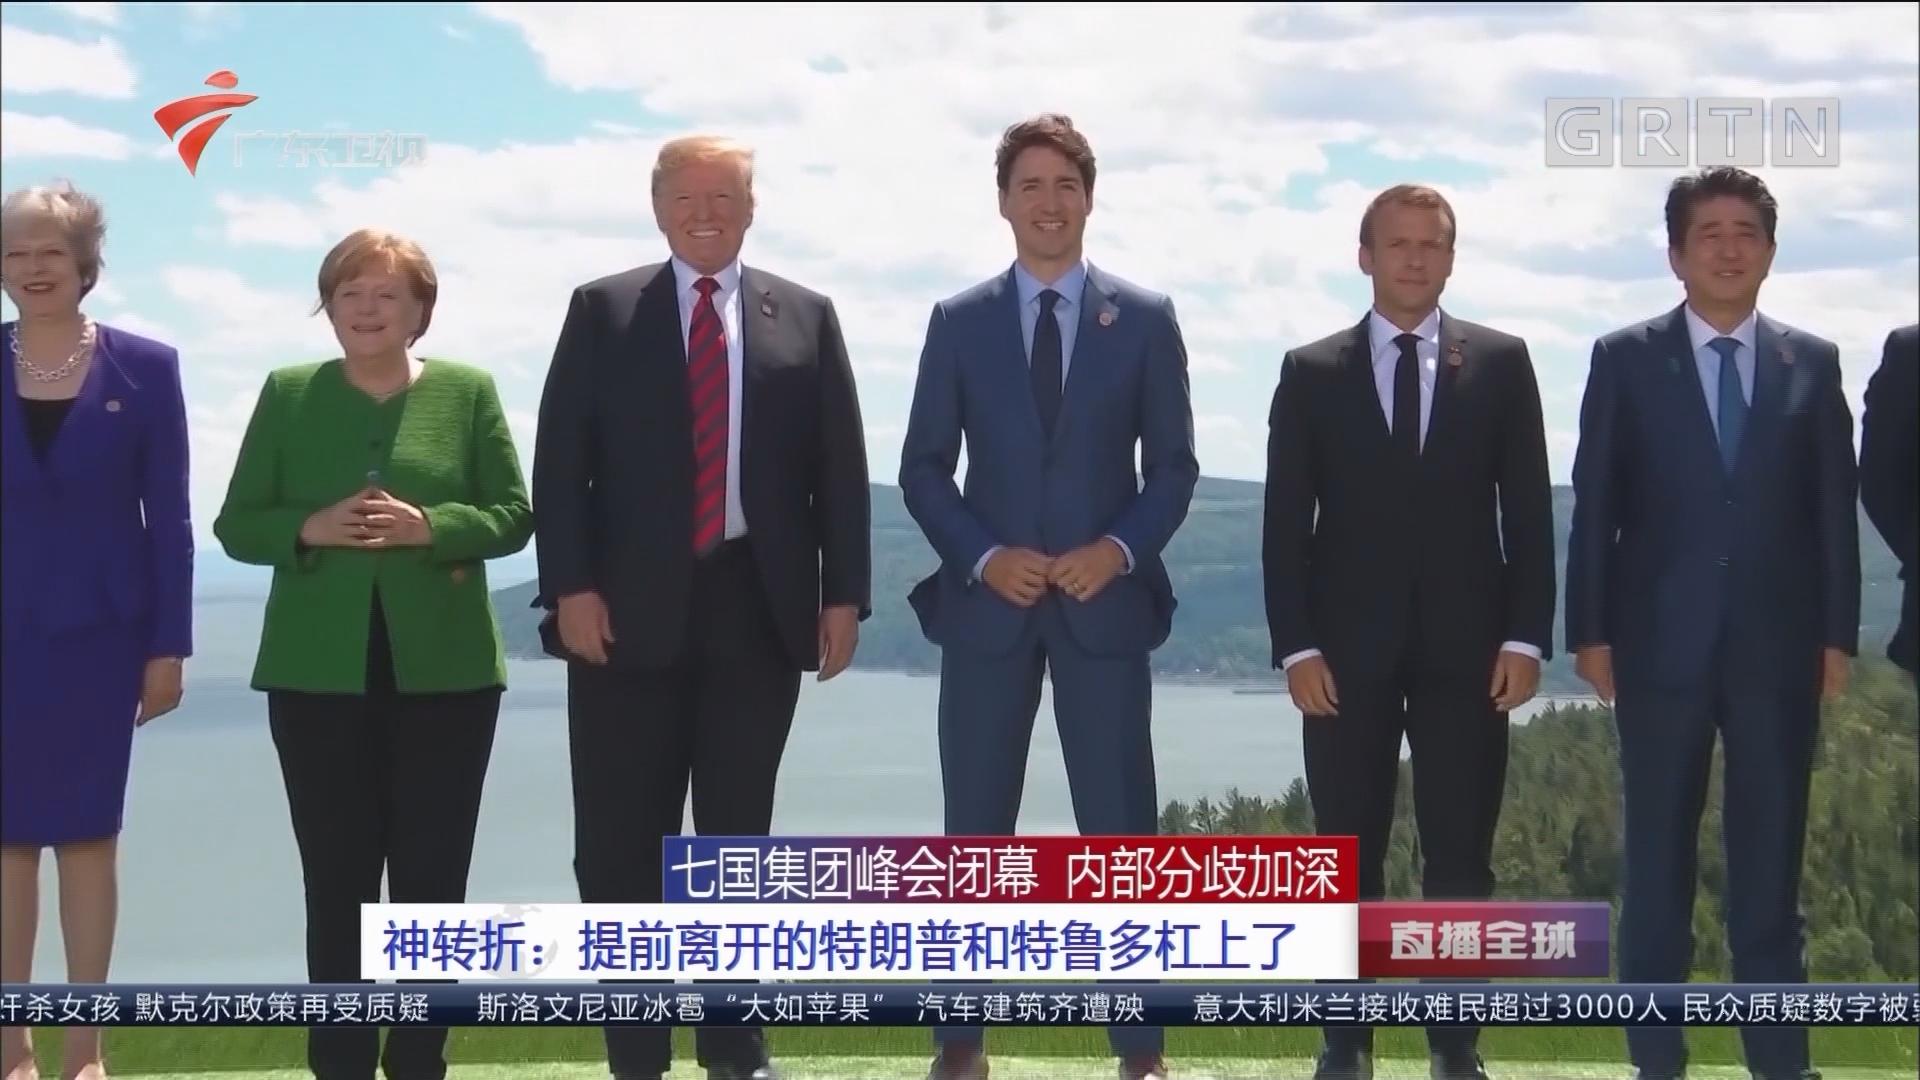 七国集团峰会闭幕 内部分歧加深 神转折:提前离开的特朗普和特鲁多杠上了